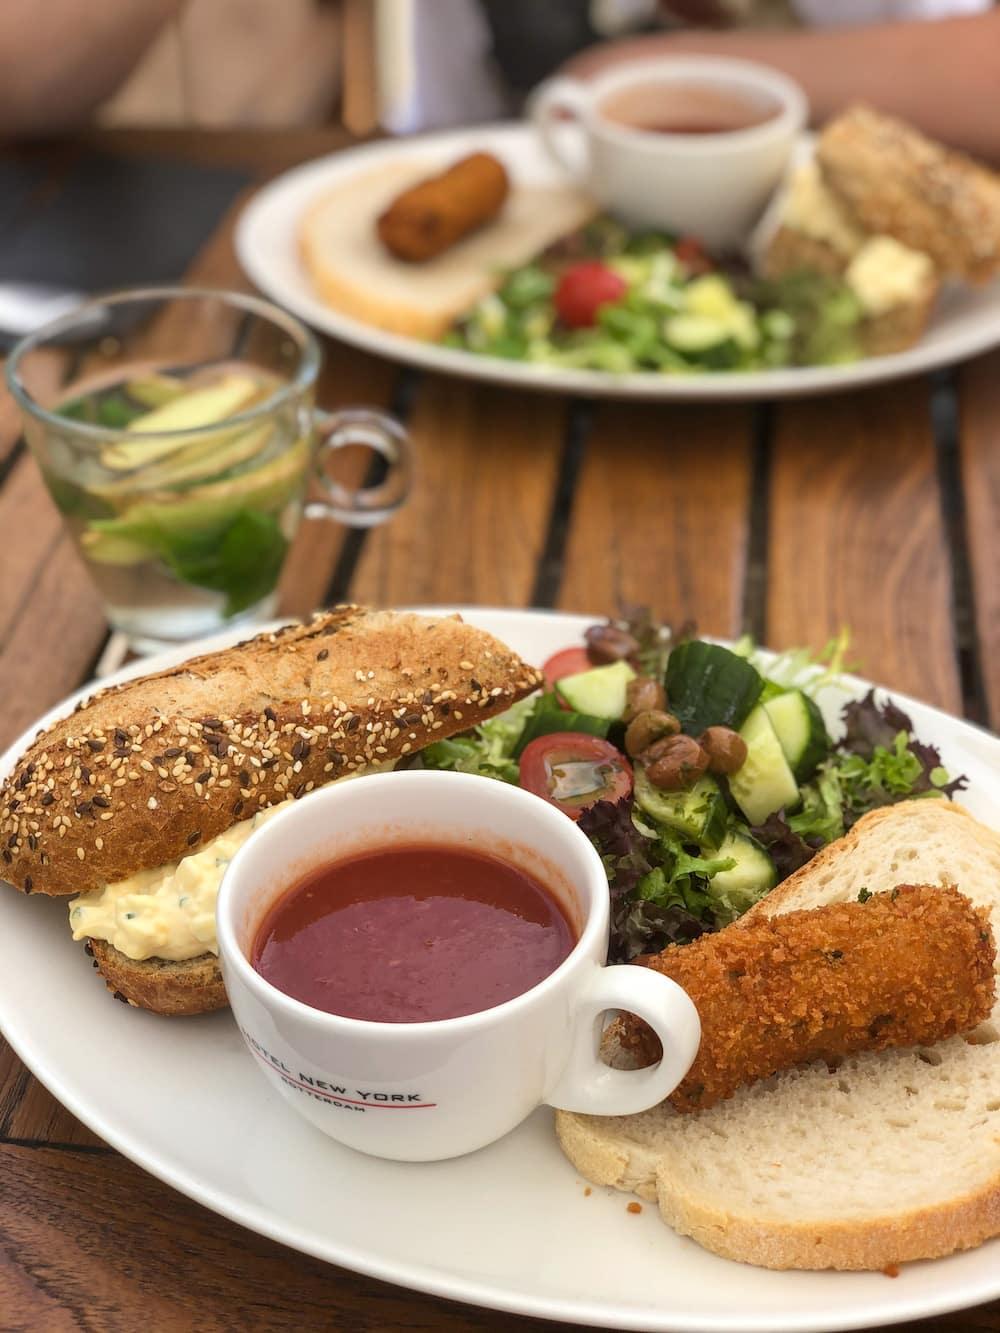 Bij Hotel New York in Rotterdam kun je uitgebreid lunchen. Er staat dan ook echt van alles wat op hun menukaart. Elk halfjaar verandert hun menu gedeeltelijk en zo staan er altijd verrassende (seizoensgebonden) gerechten op het menu, maar ook echte klassiekers. Een favoriet van ons is zeker de vegetarische Chef's Lunch, met een soepje, paddenstoelenkroket en een broodje eiersalade!